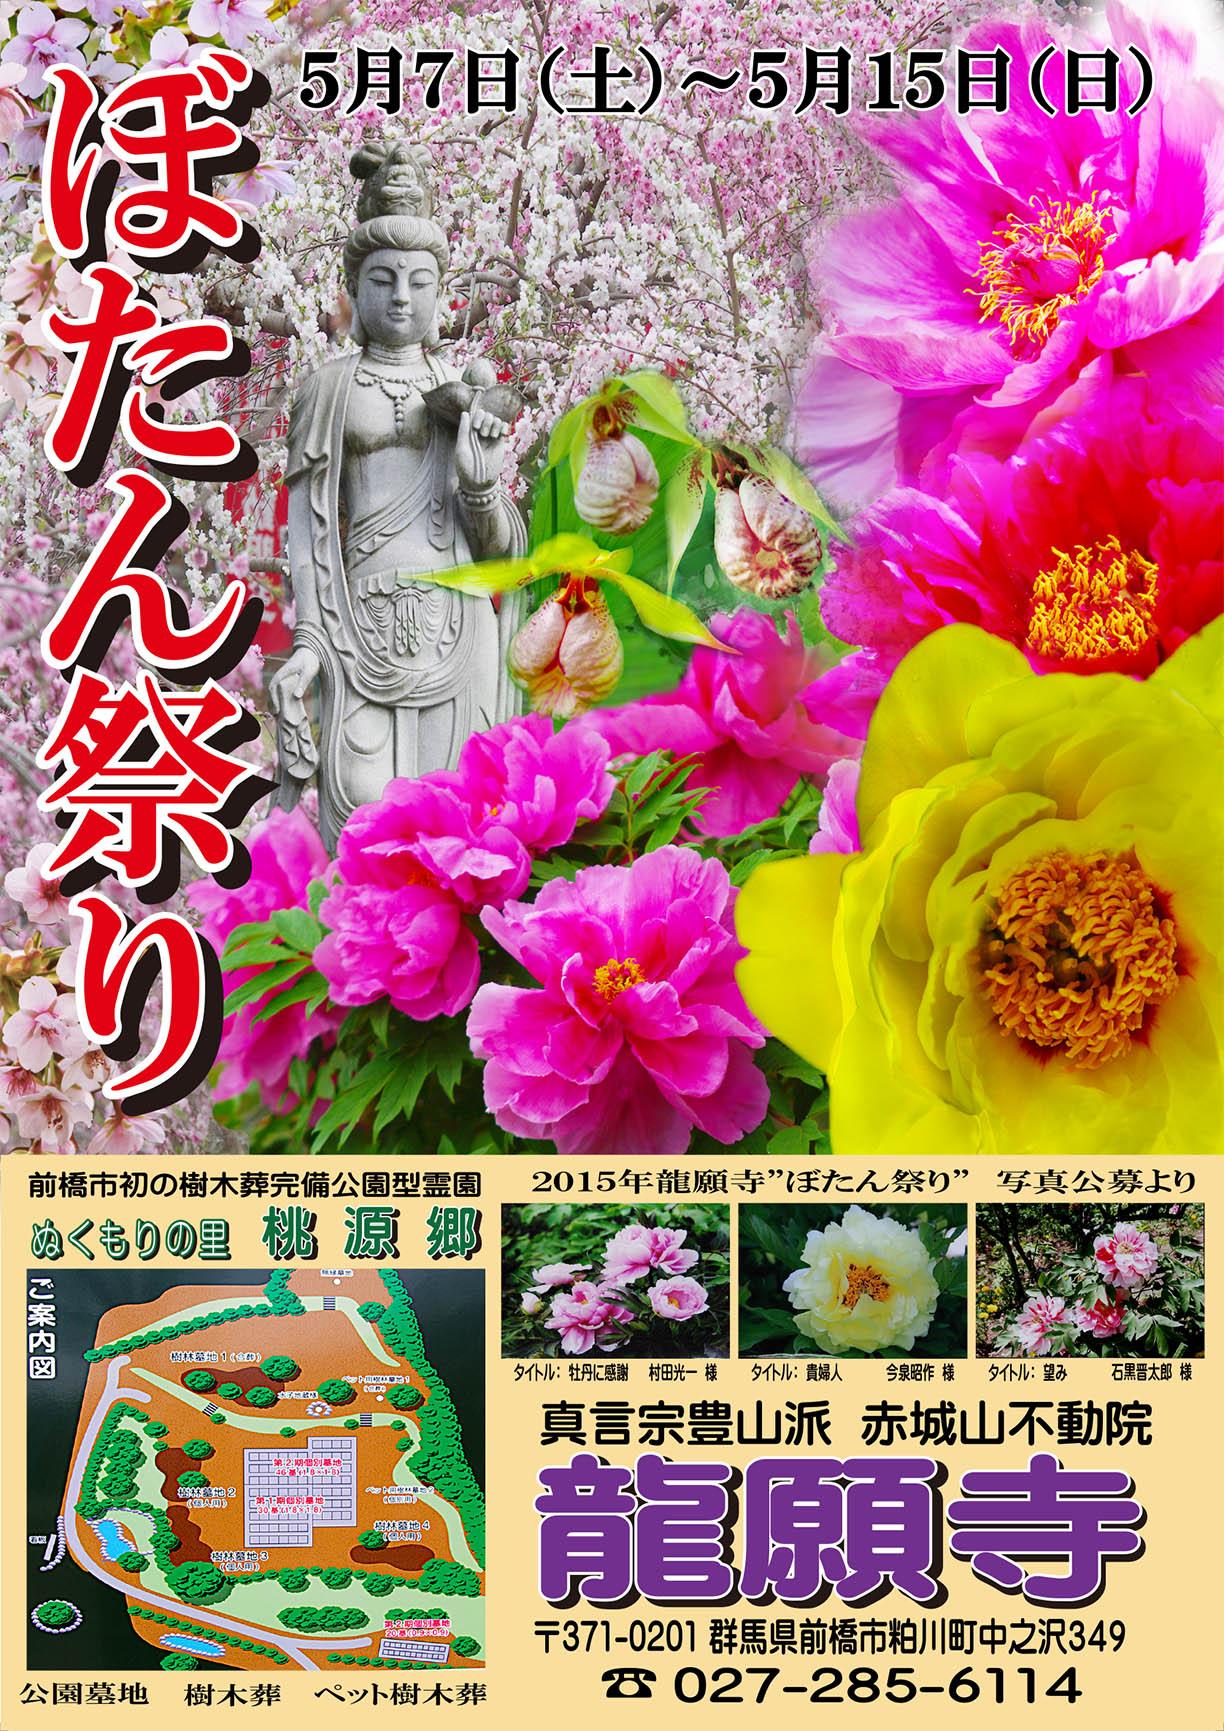 龍願寺ぼたん祭りのポスター